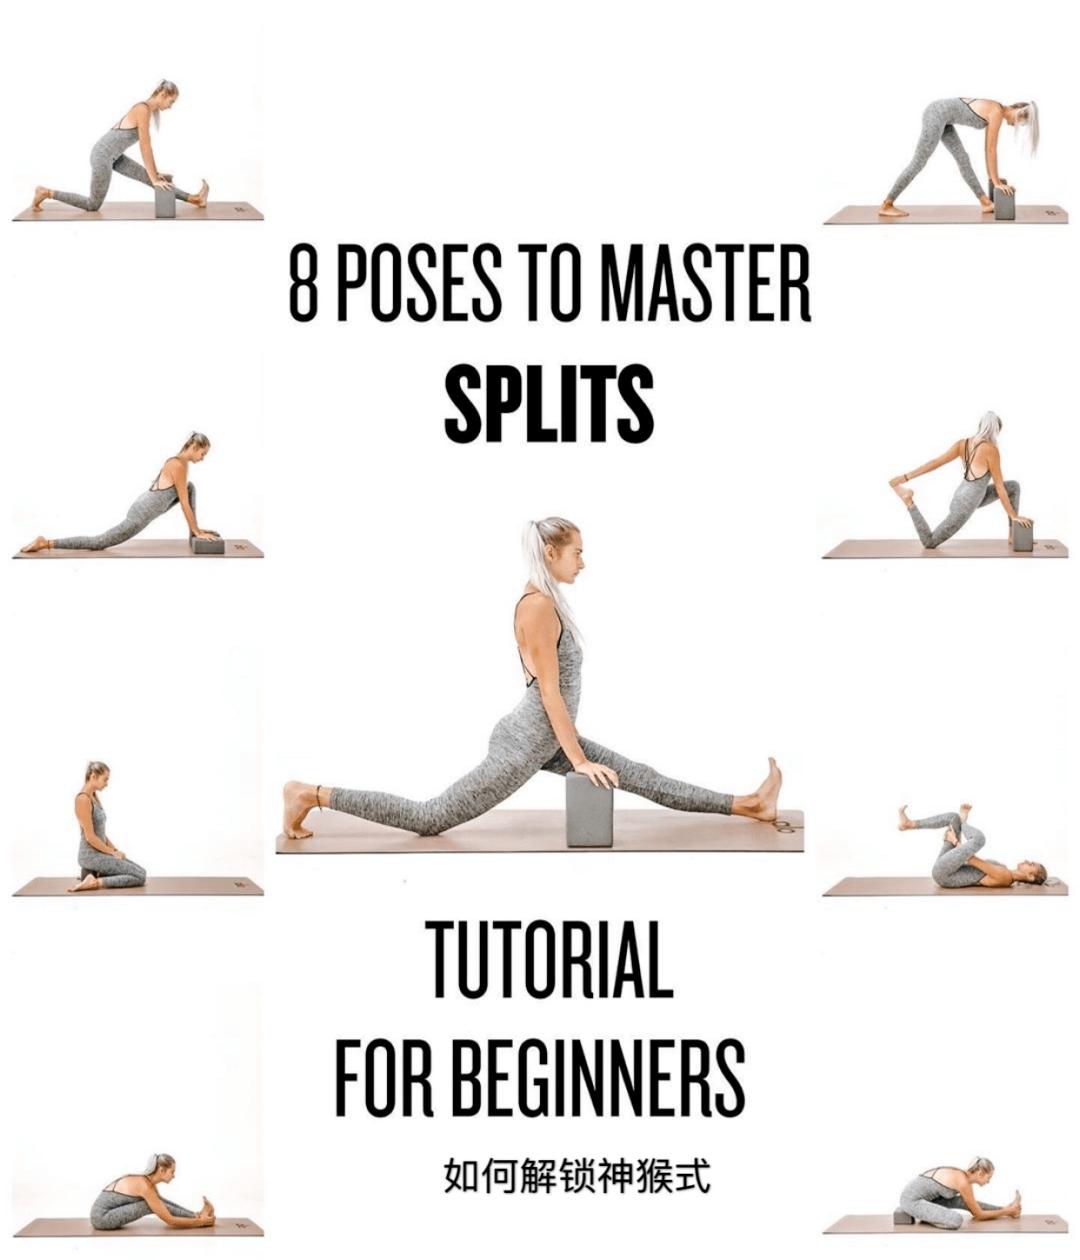 最新推出的16套理疗瑜伽,每套都是纯干货!